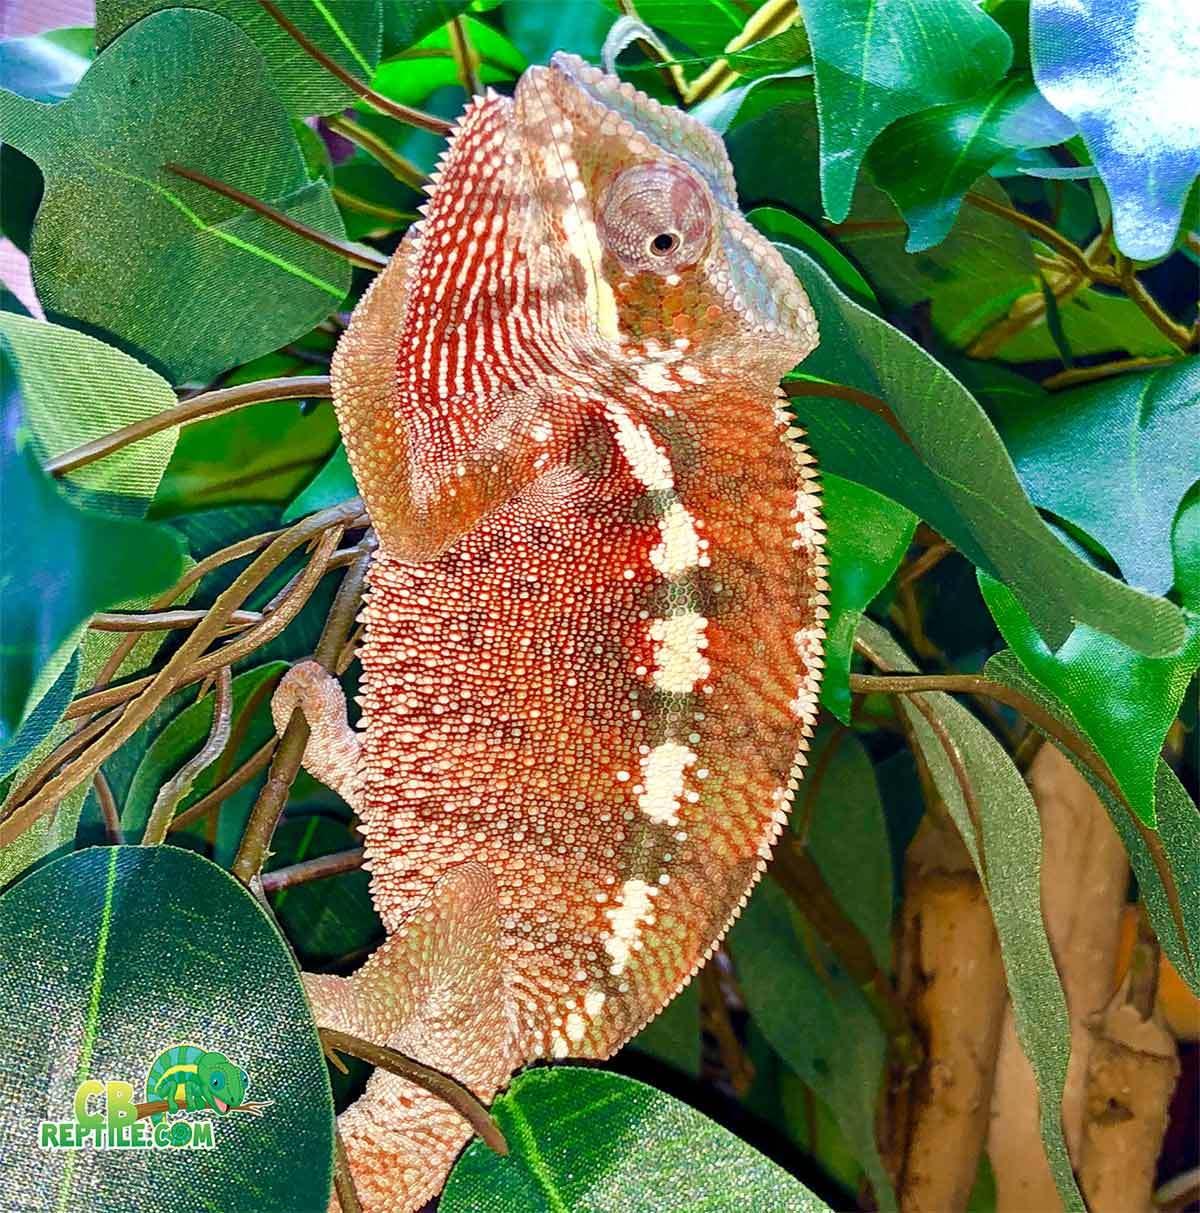 Can Carpet Chameleons Change Color